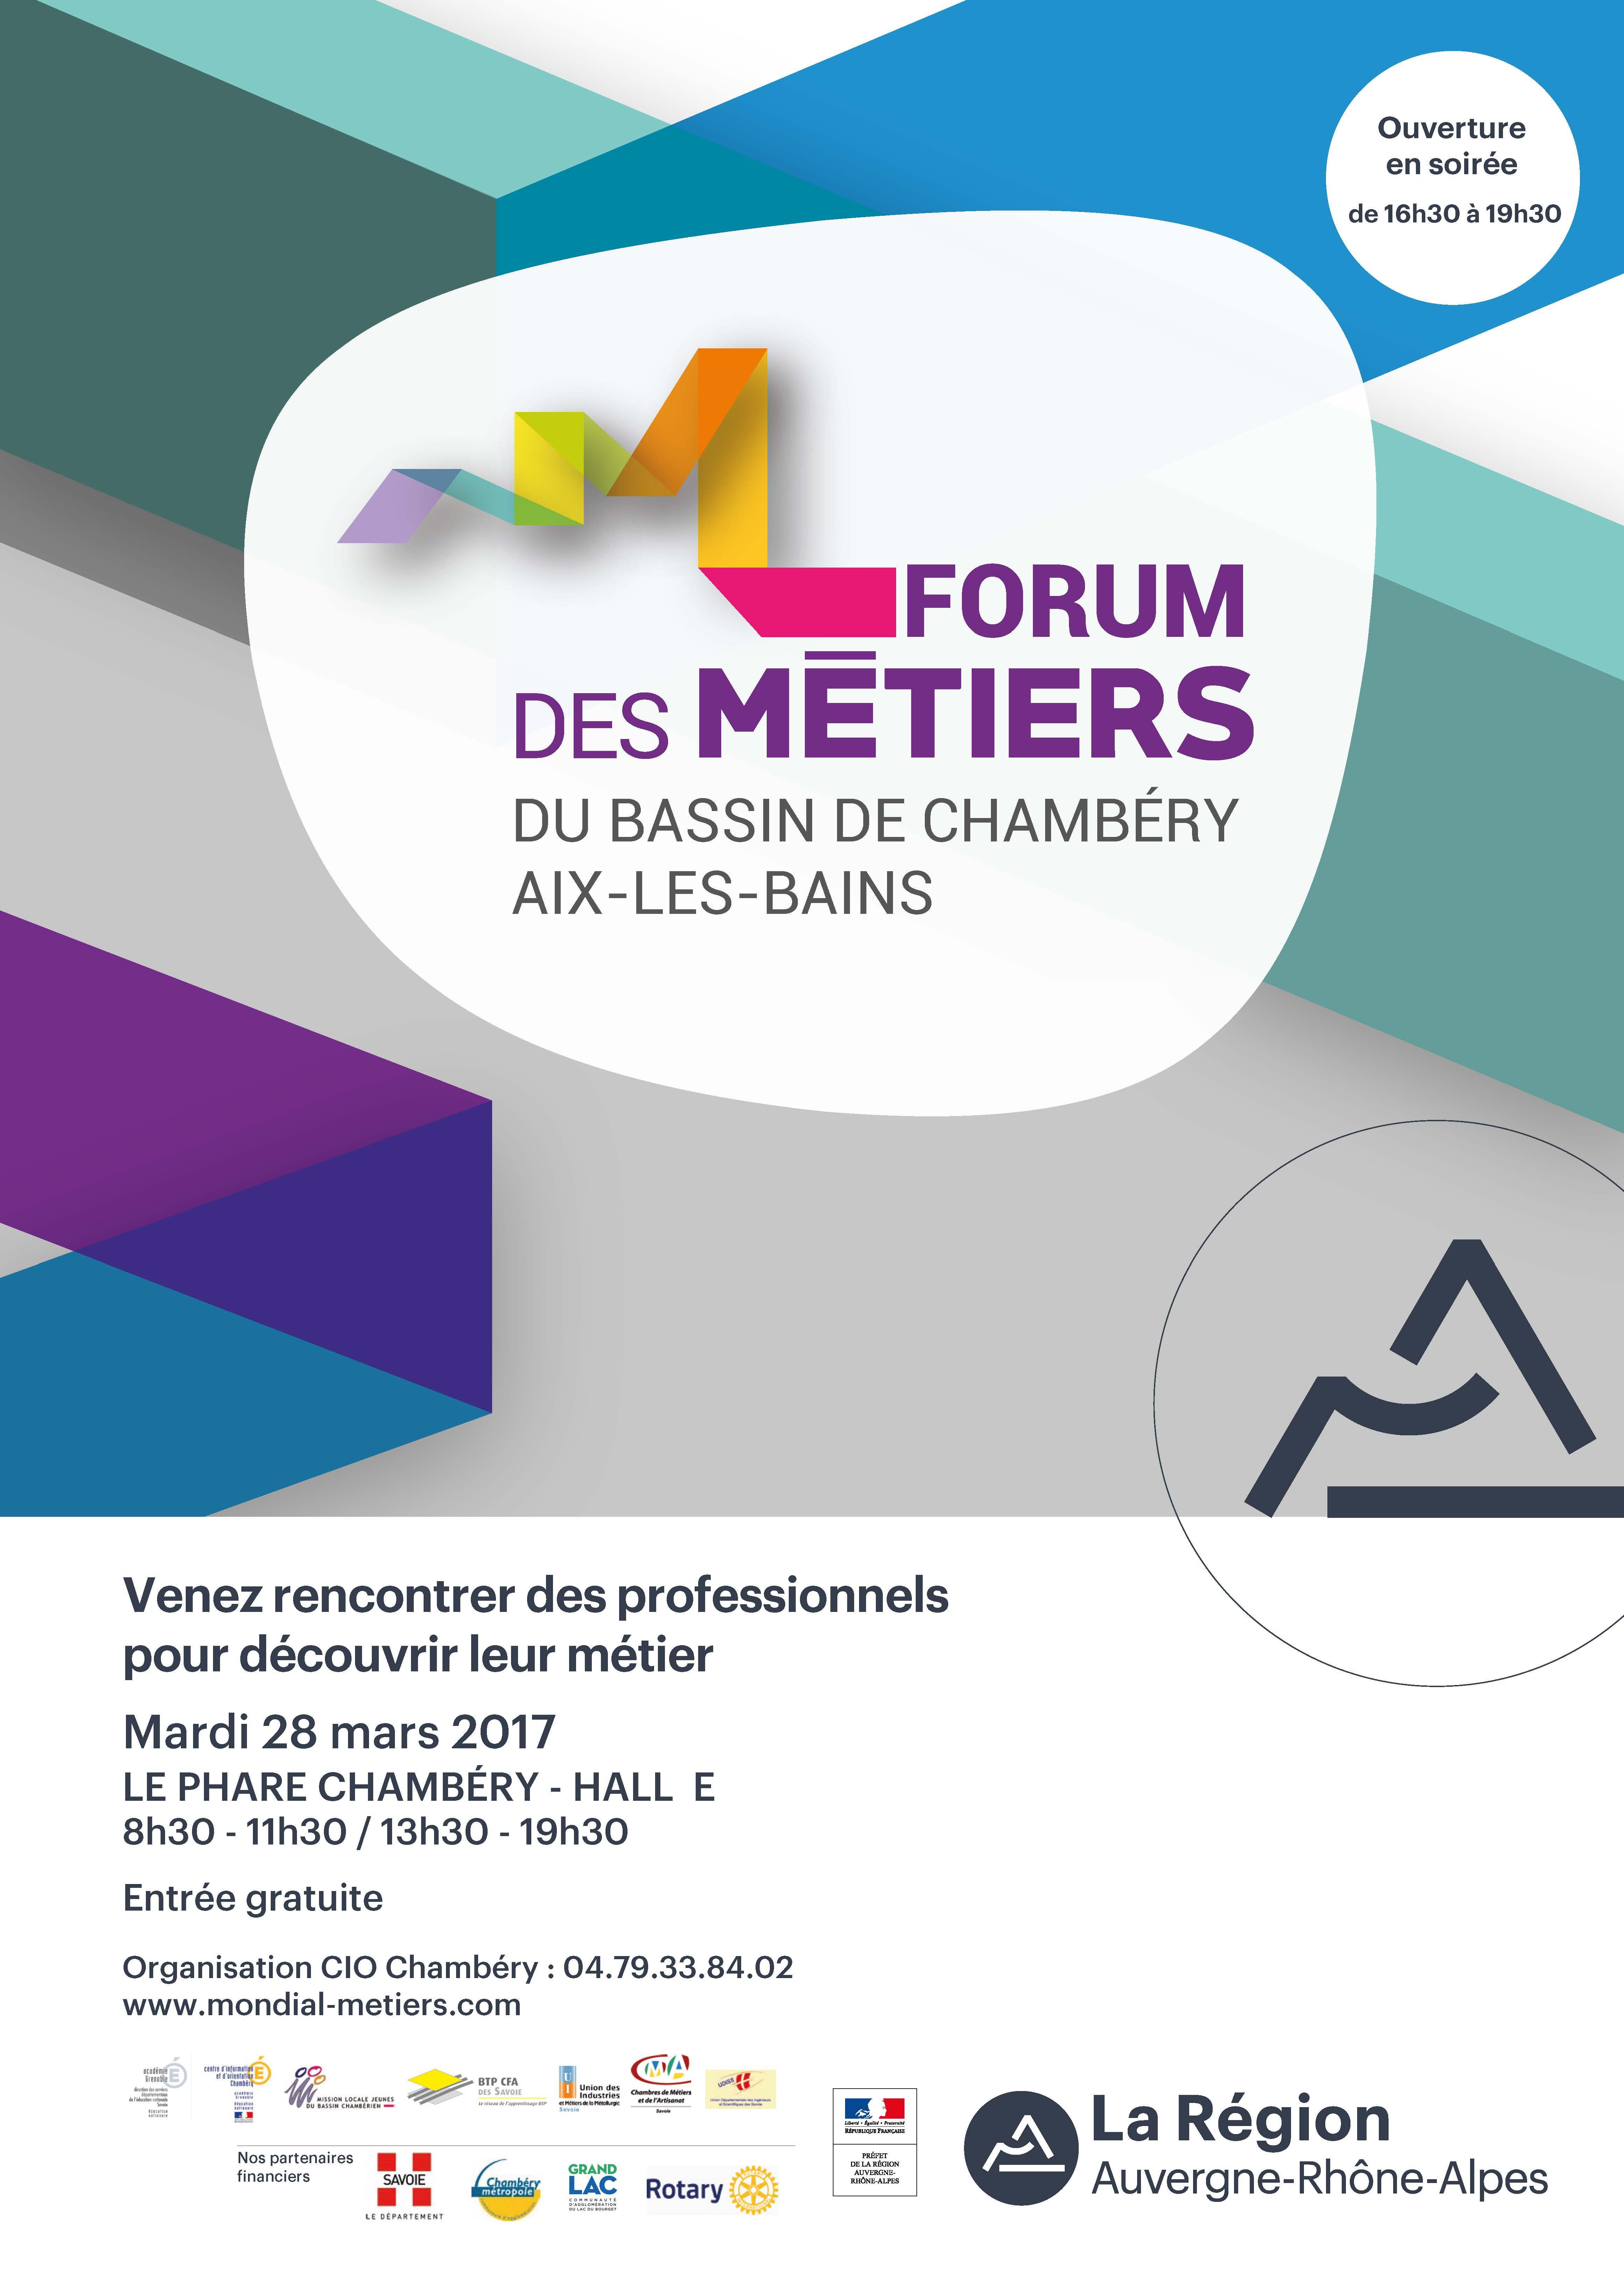 Forum des Métiers du Bassin de Chambéry - Aix les Bains